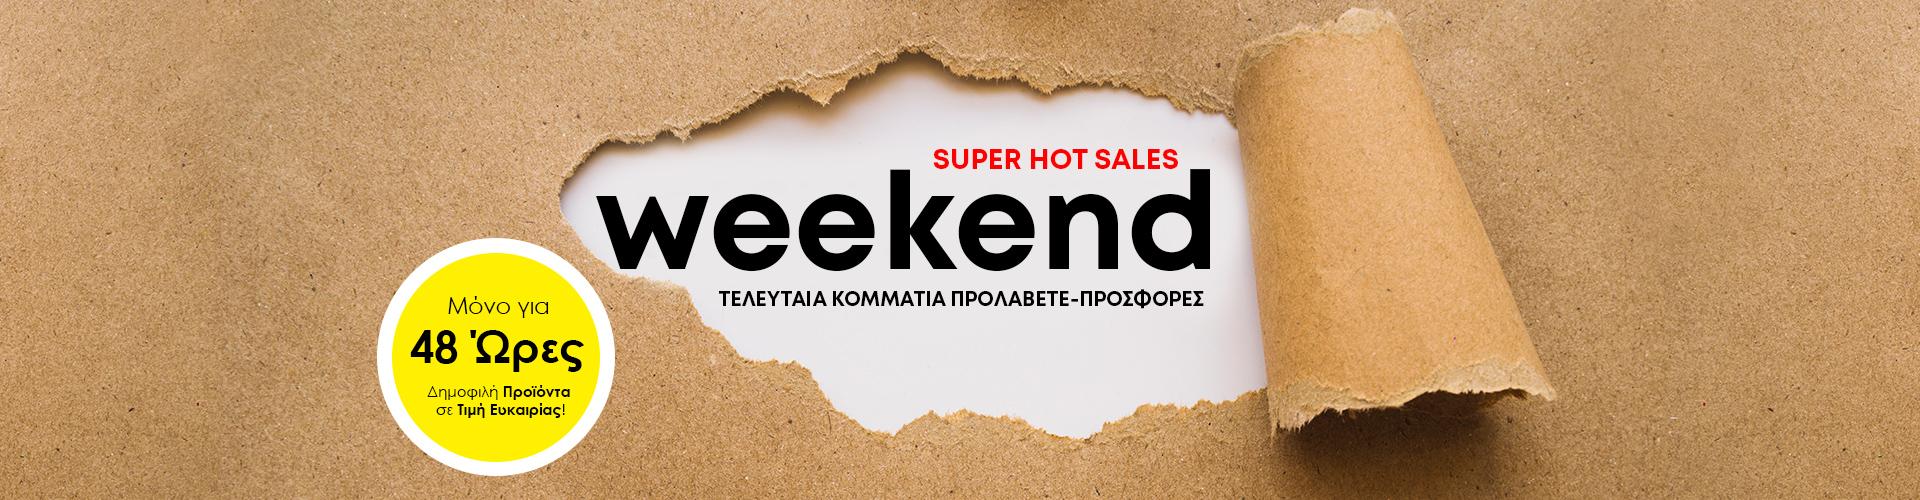 Super Hot Sales Weekend